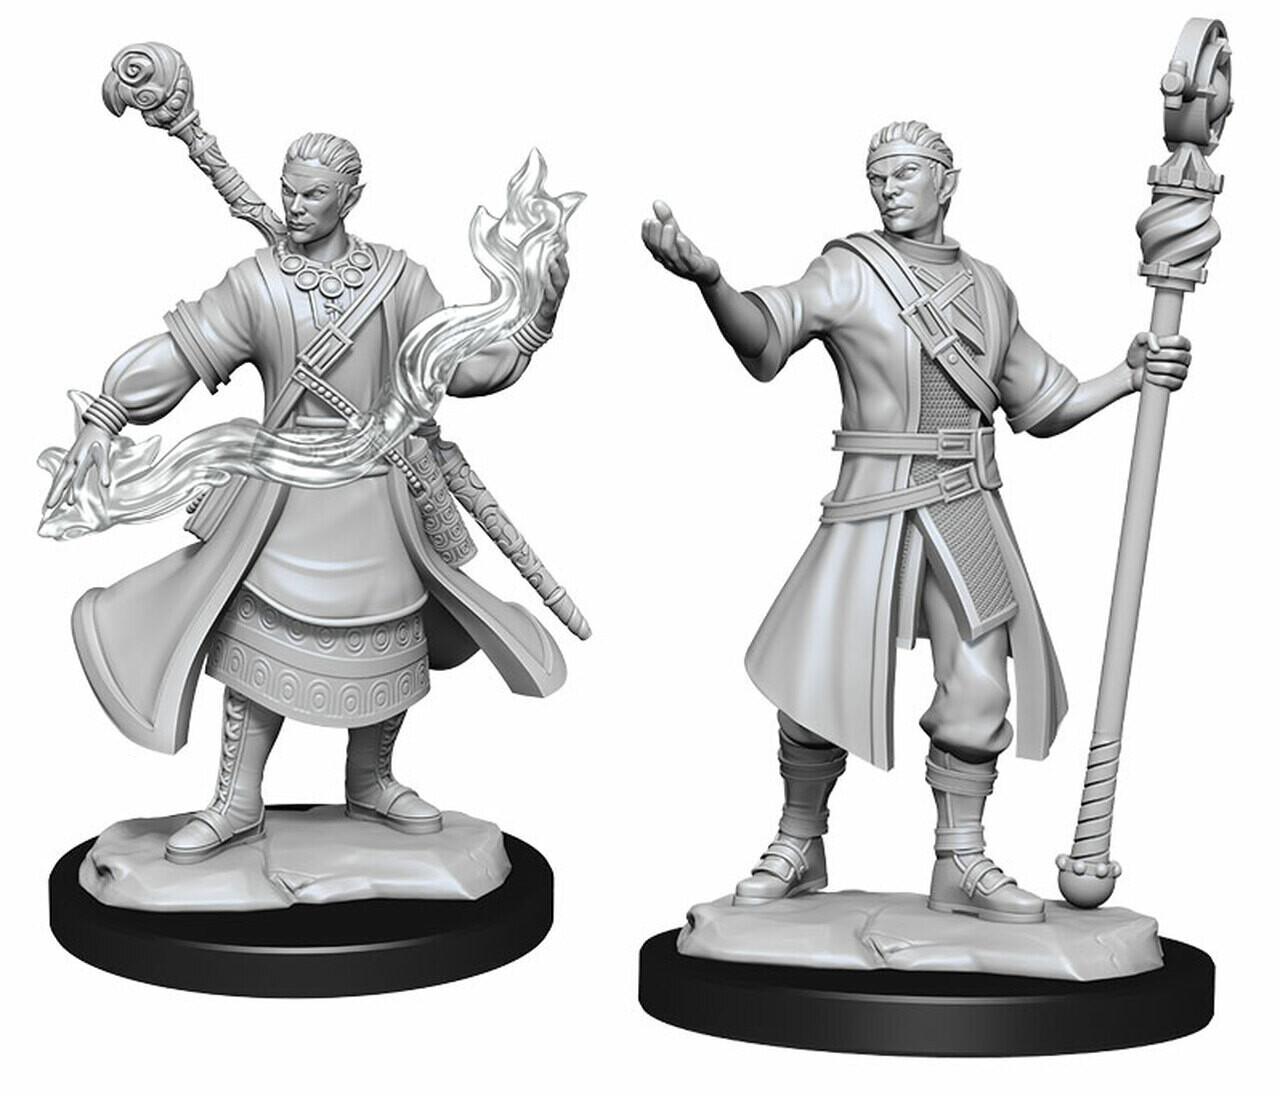 D&D Nolzur's Marvelous Miniatures: Half Elf Wizard Male (2 unit)